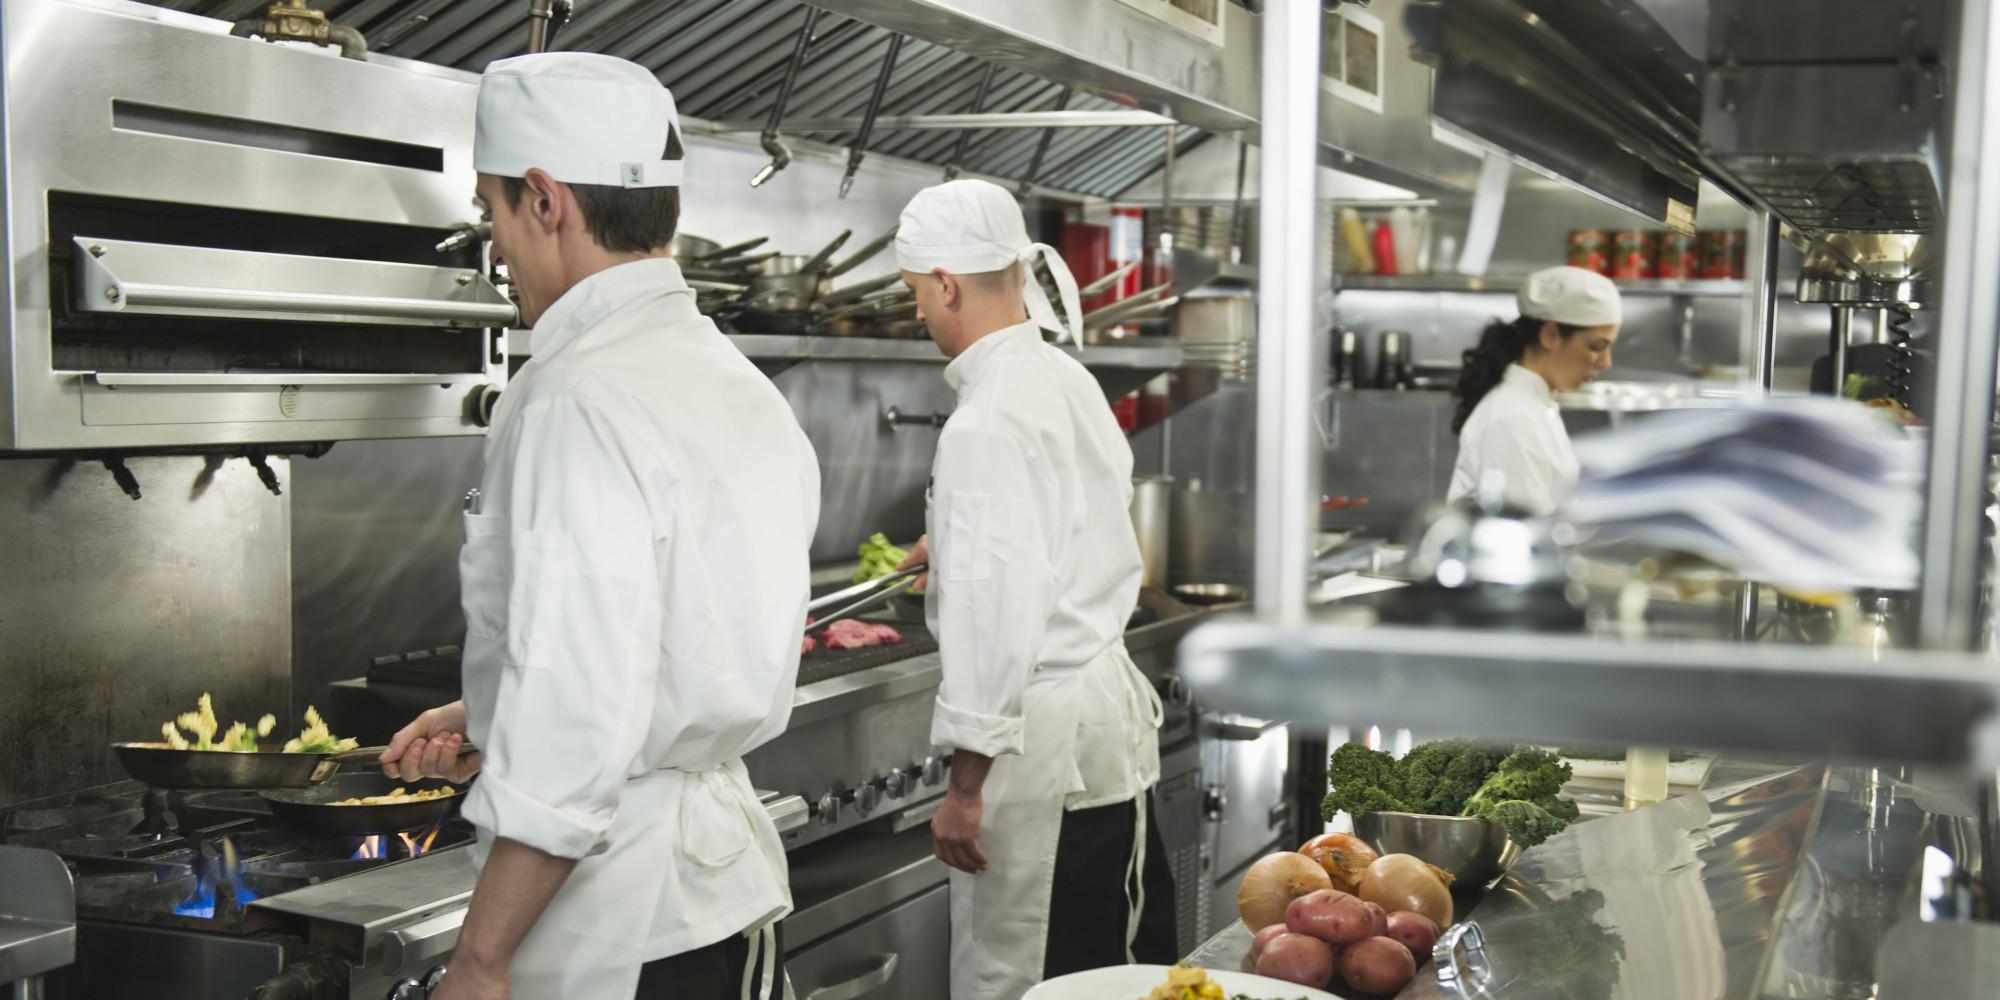 Chef Shortage In Restaurant Kitchens